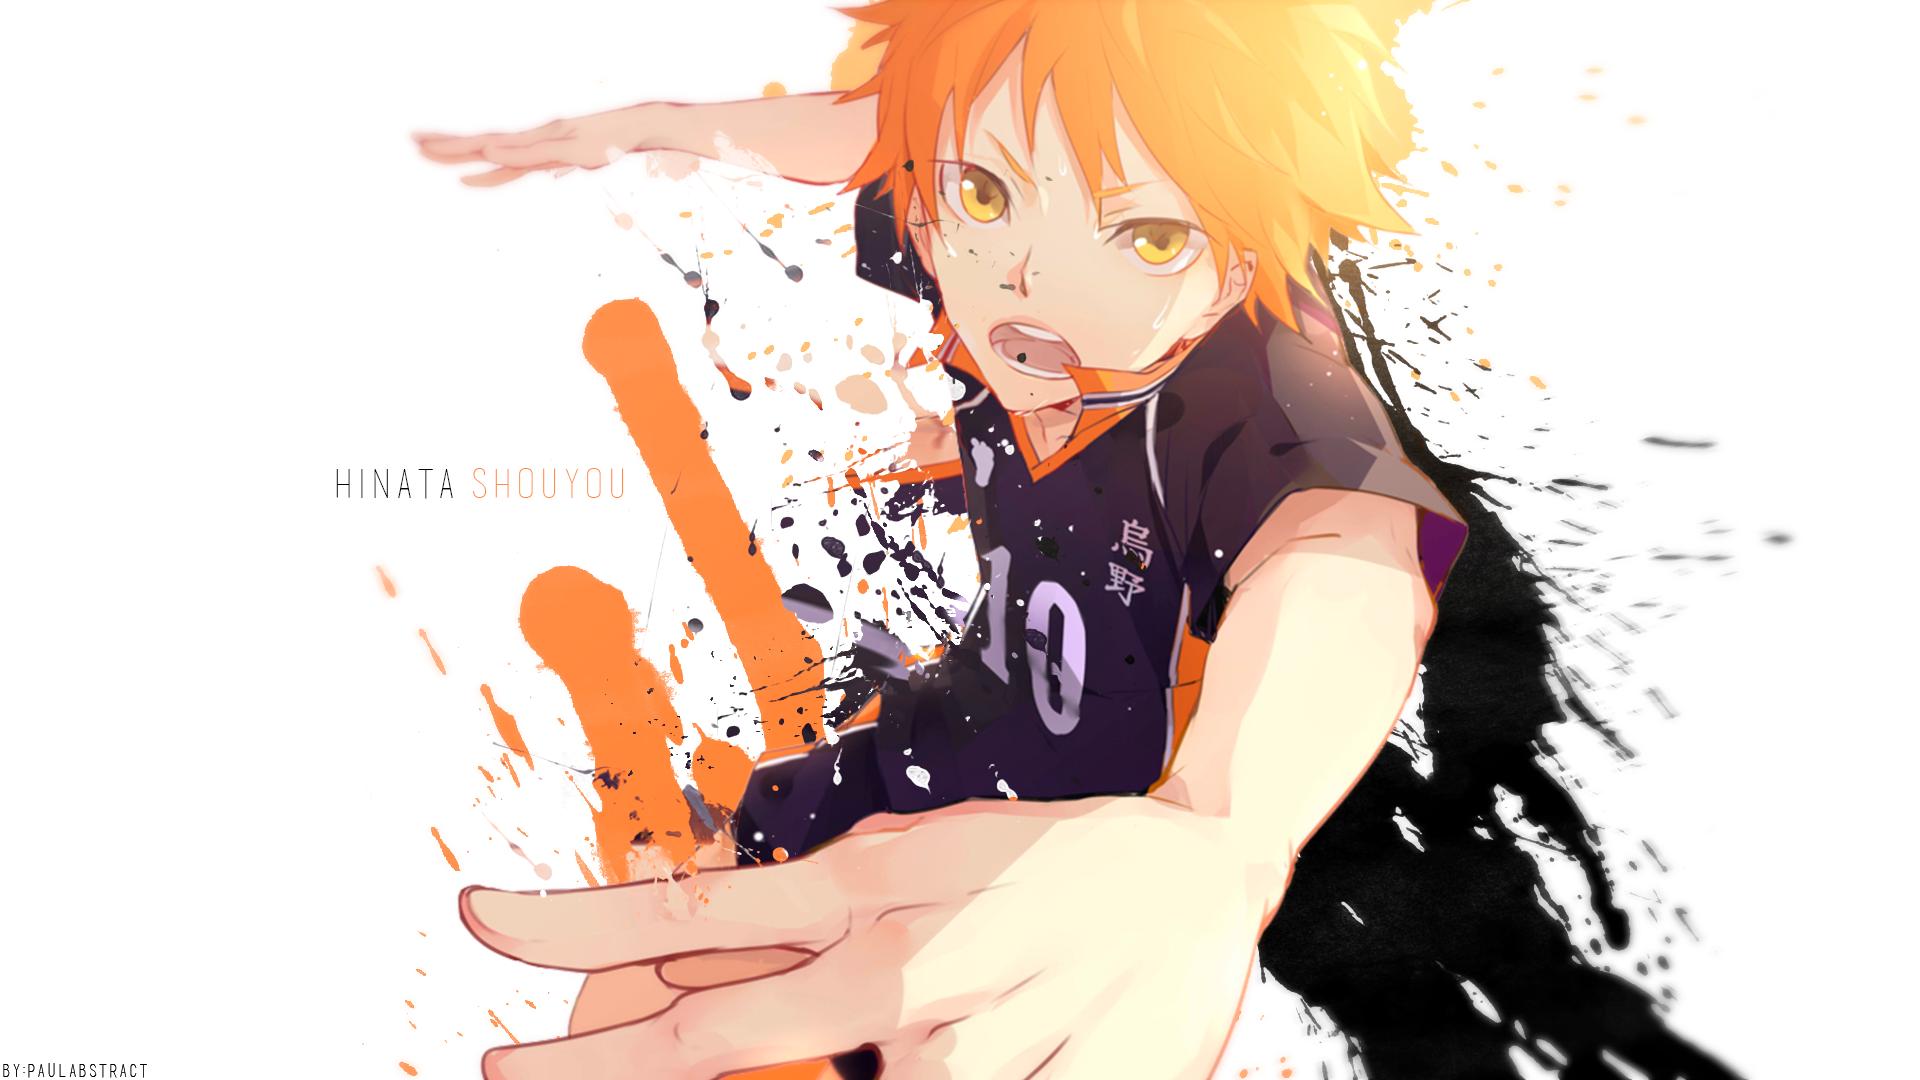 Haikyuu Hinata Volleyball Outfit - HD Wallpaper